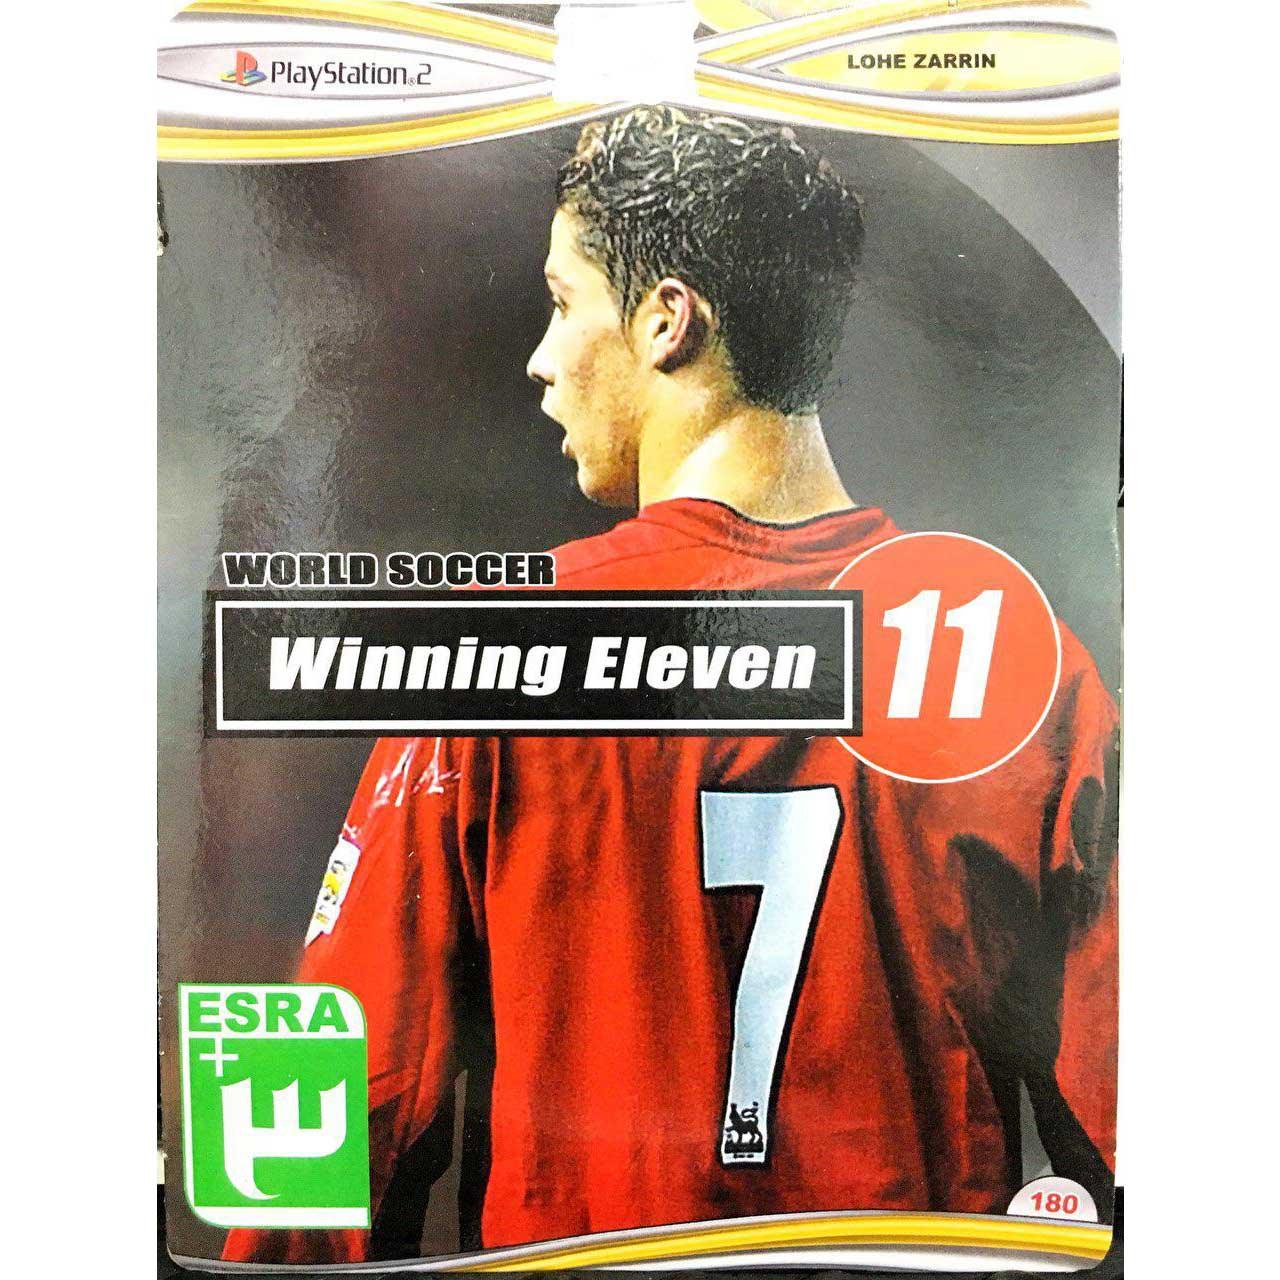 خرید اینترنتی بازی Winning Eleven 11 مخصوص پلی استیشن 2 اورجینال